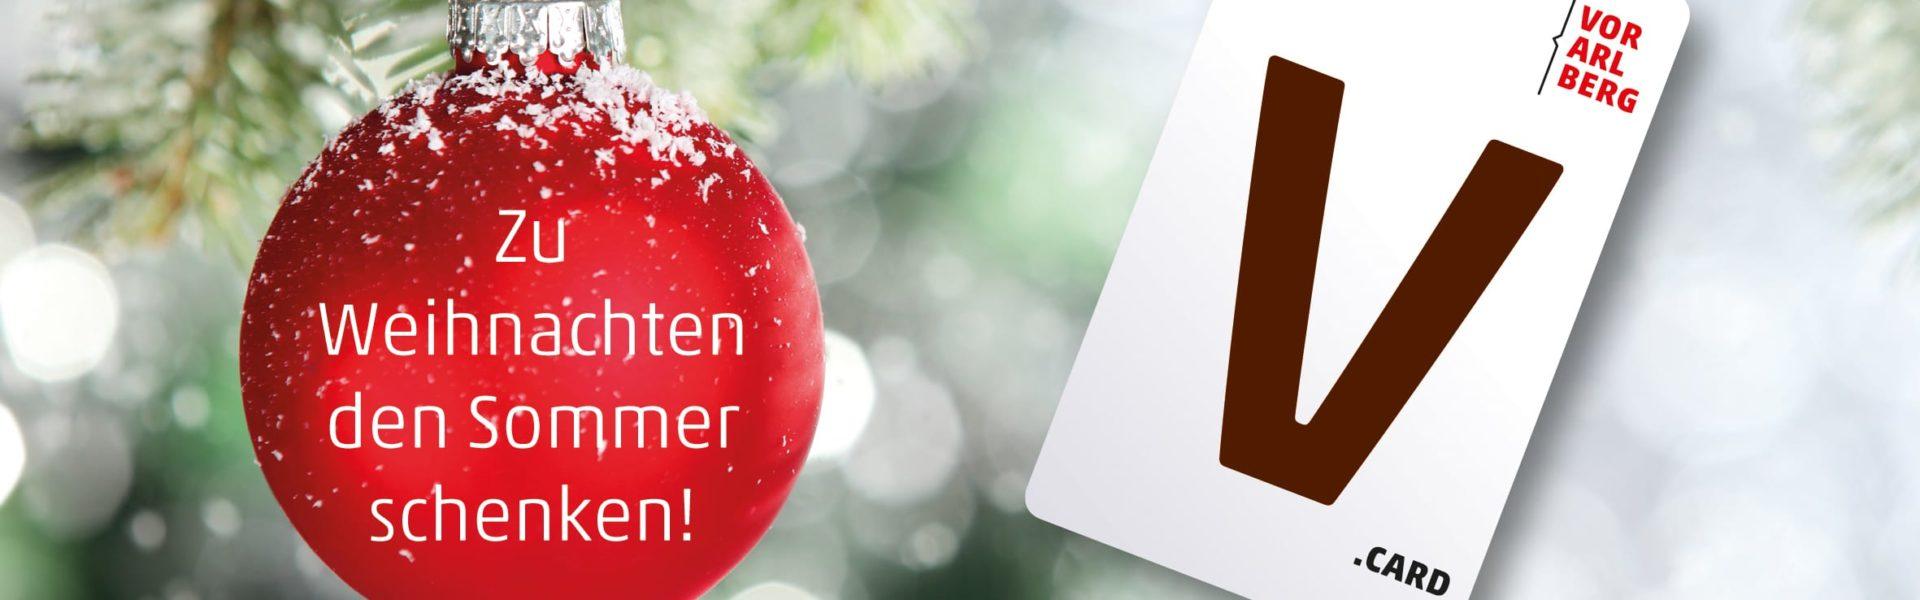 V-CARD zu Weihnachten schenken (c) iStock by Getty Images/sofiaworld